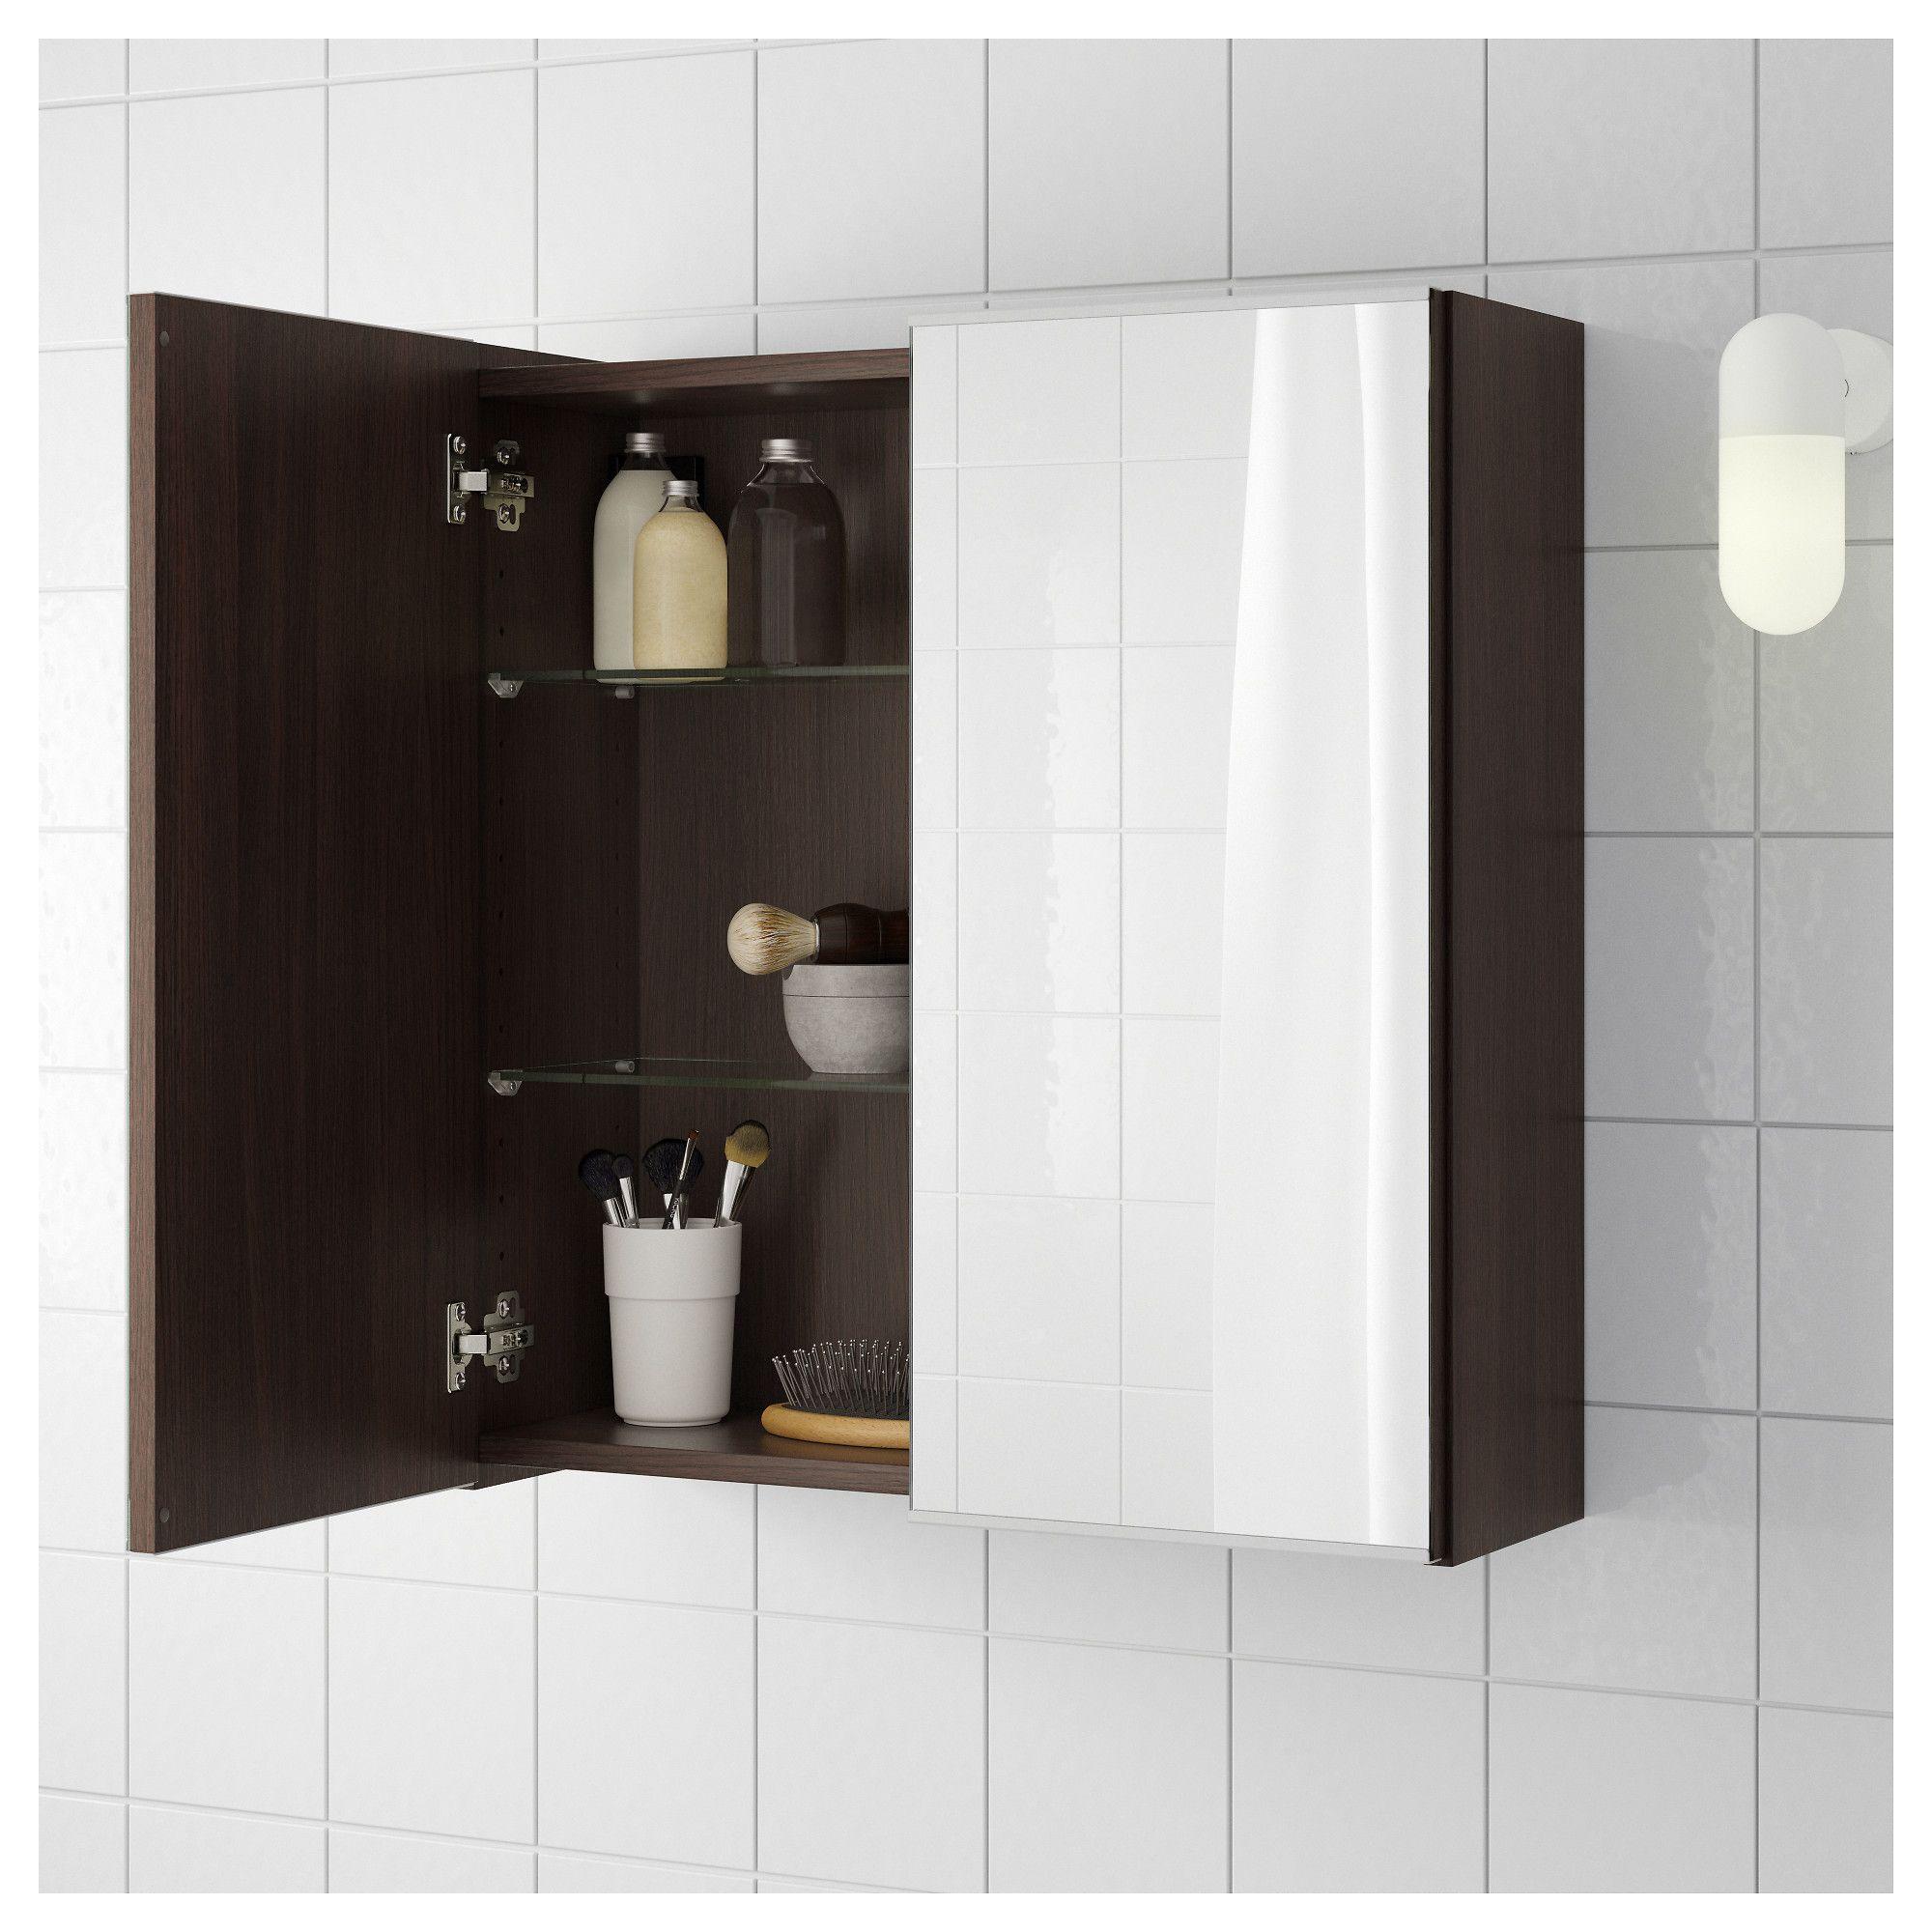 IKEA  LILLNGEN Mirror cabinet with 2 doors blackbrown